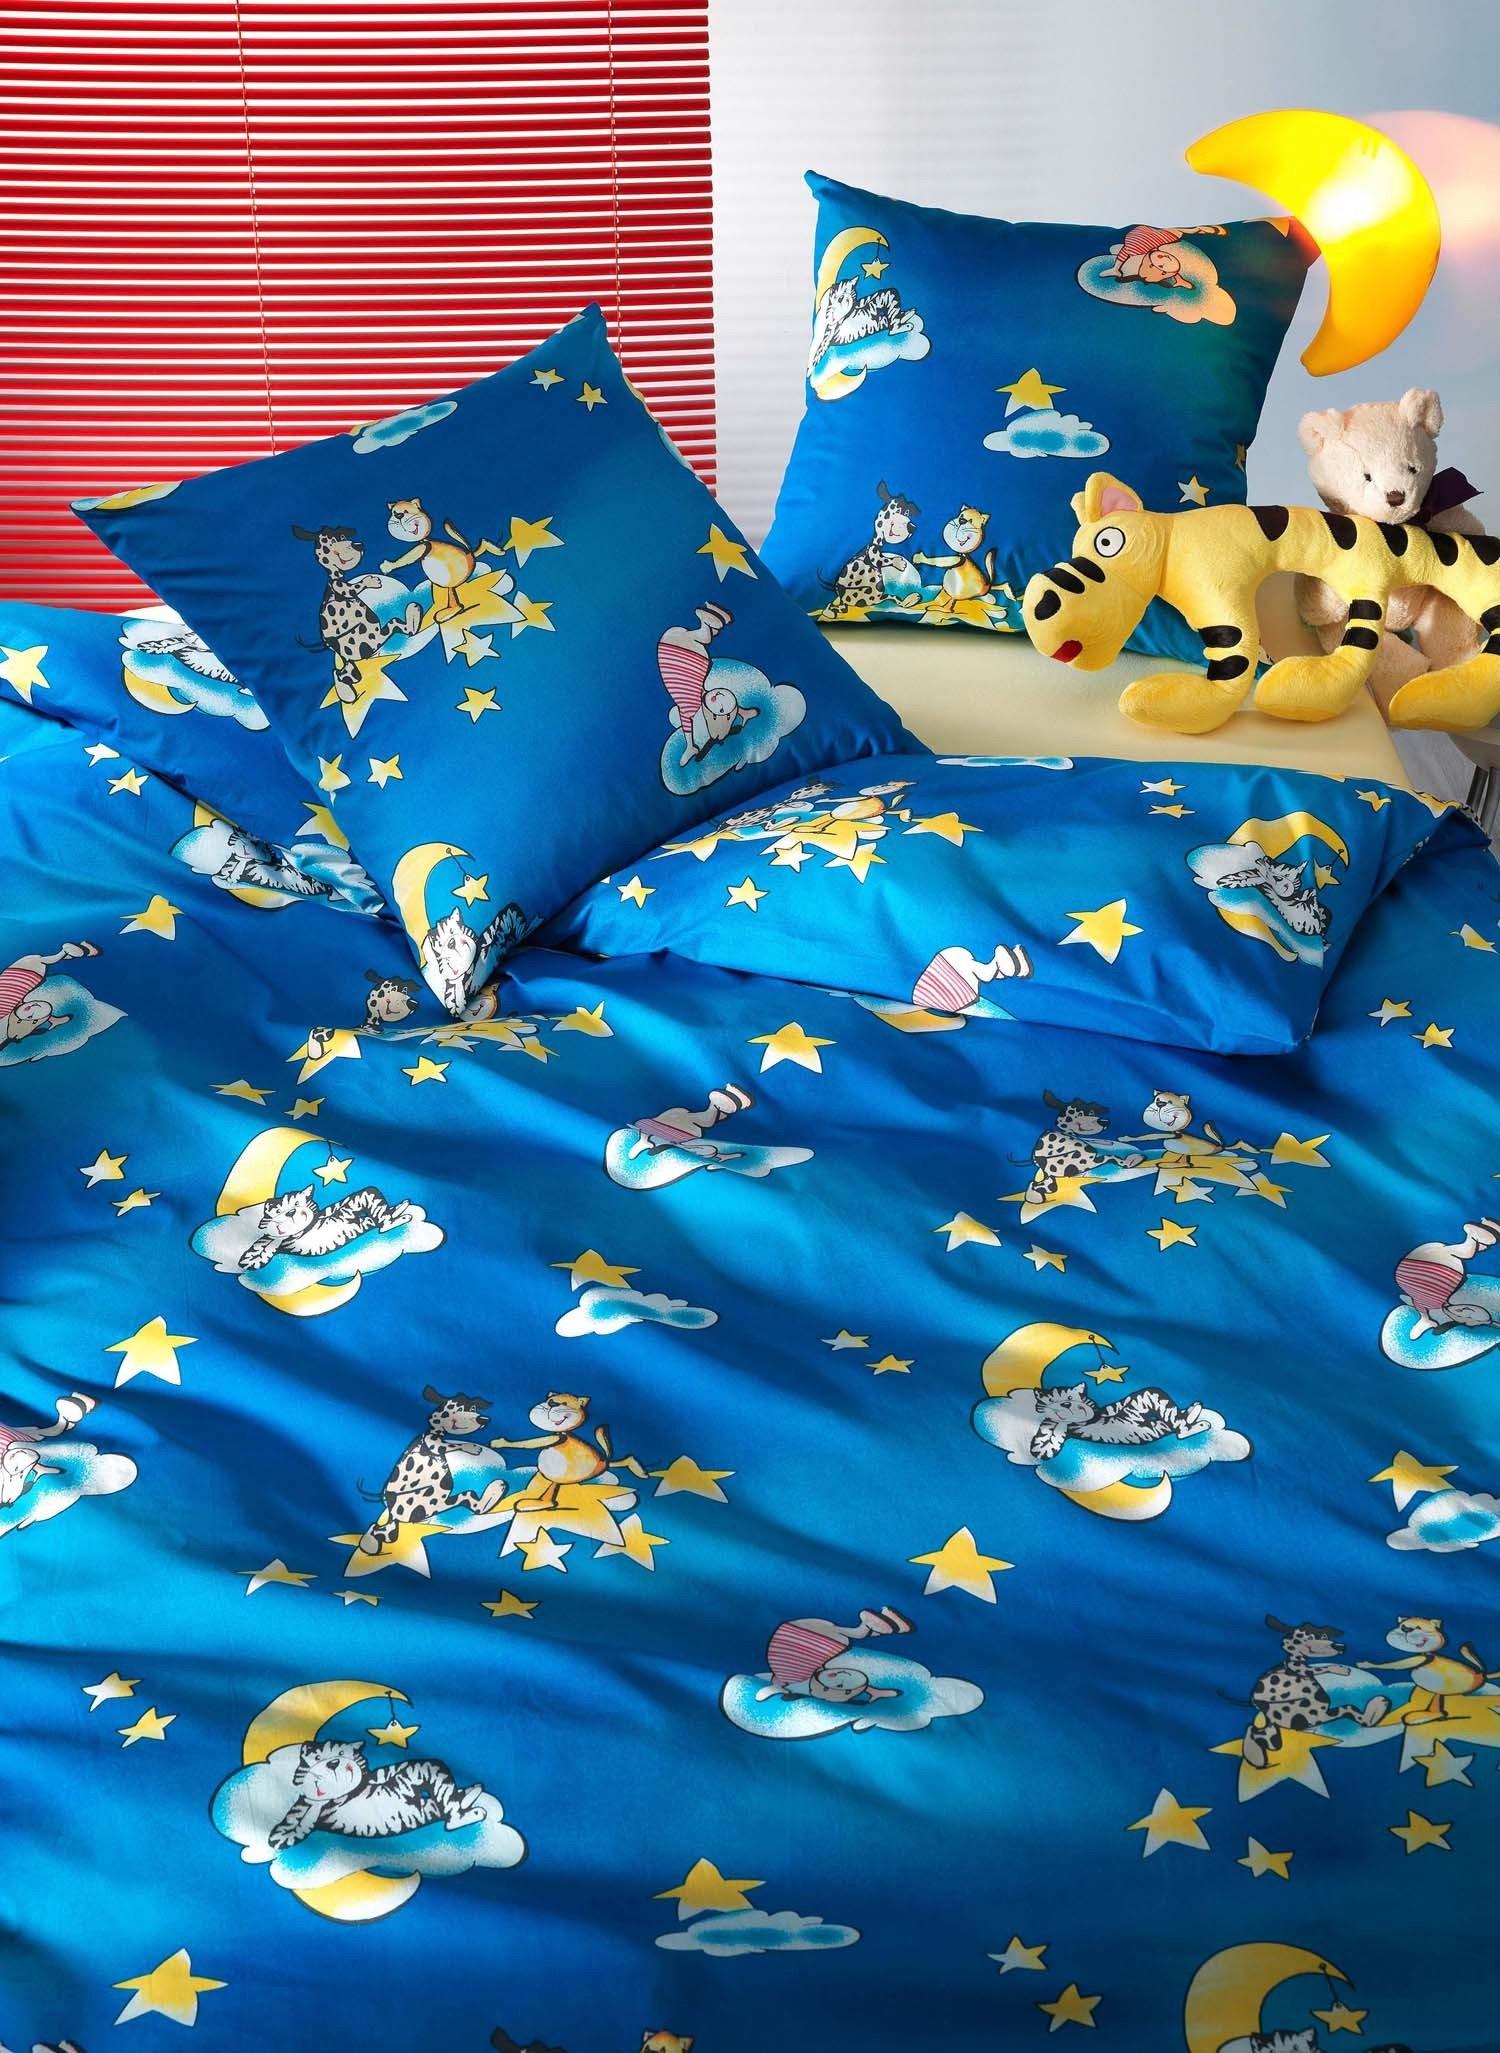 Biancheria da letto per bambini happy sleep - Biancheria da letto bambini ...